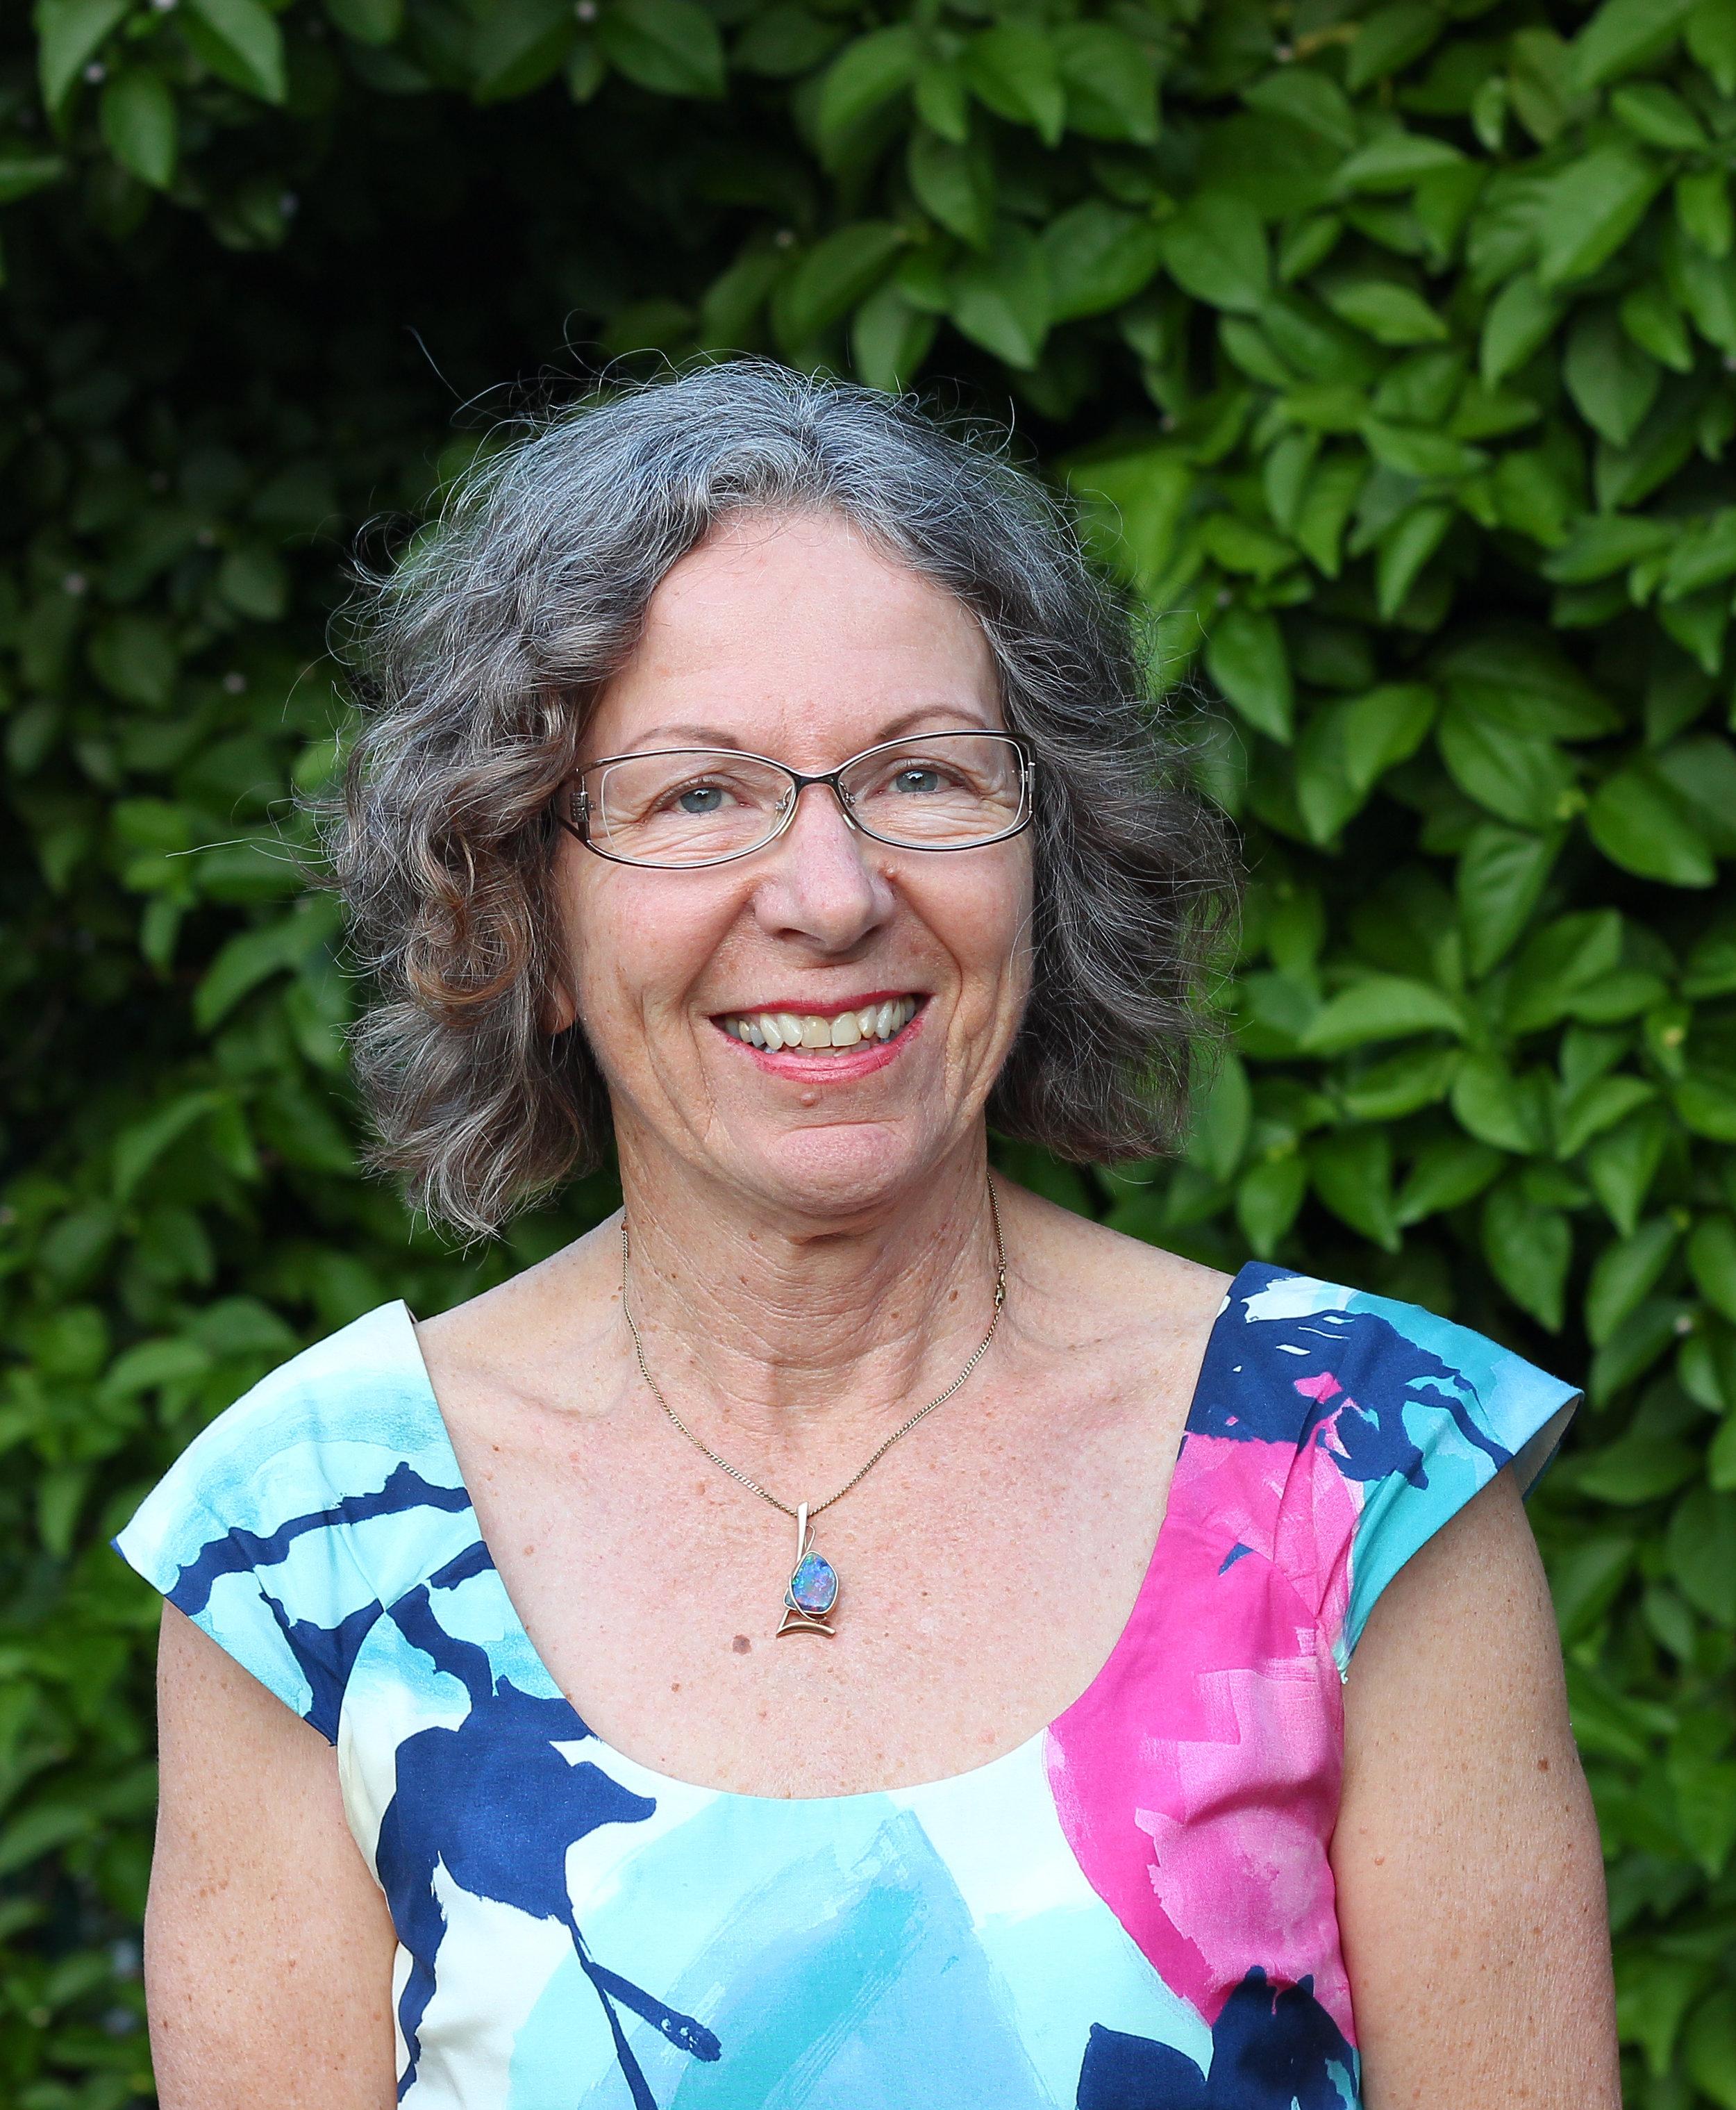 Sue (Kathleen) Duffy - winner of Queensland Quilt show, Best of Queensland 2017